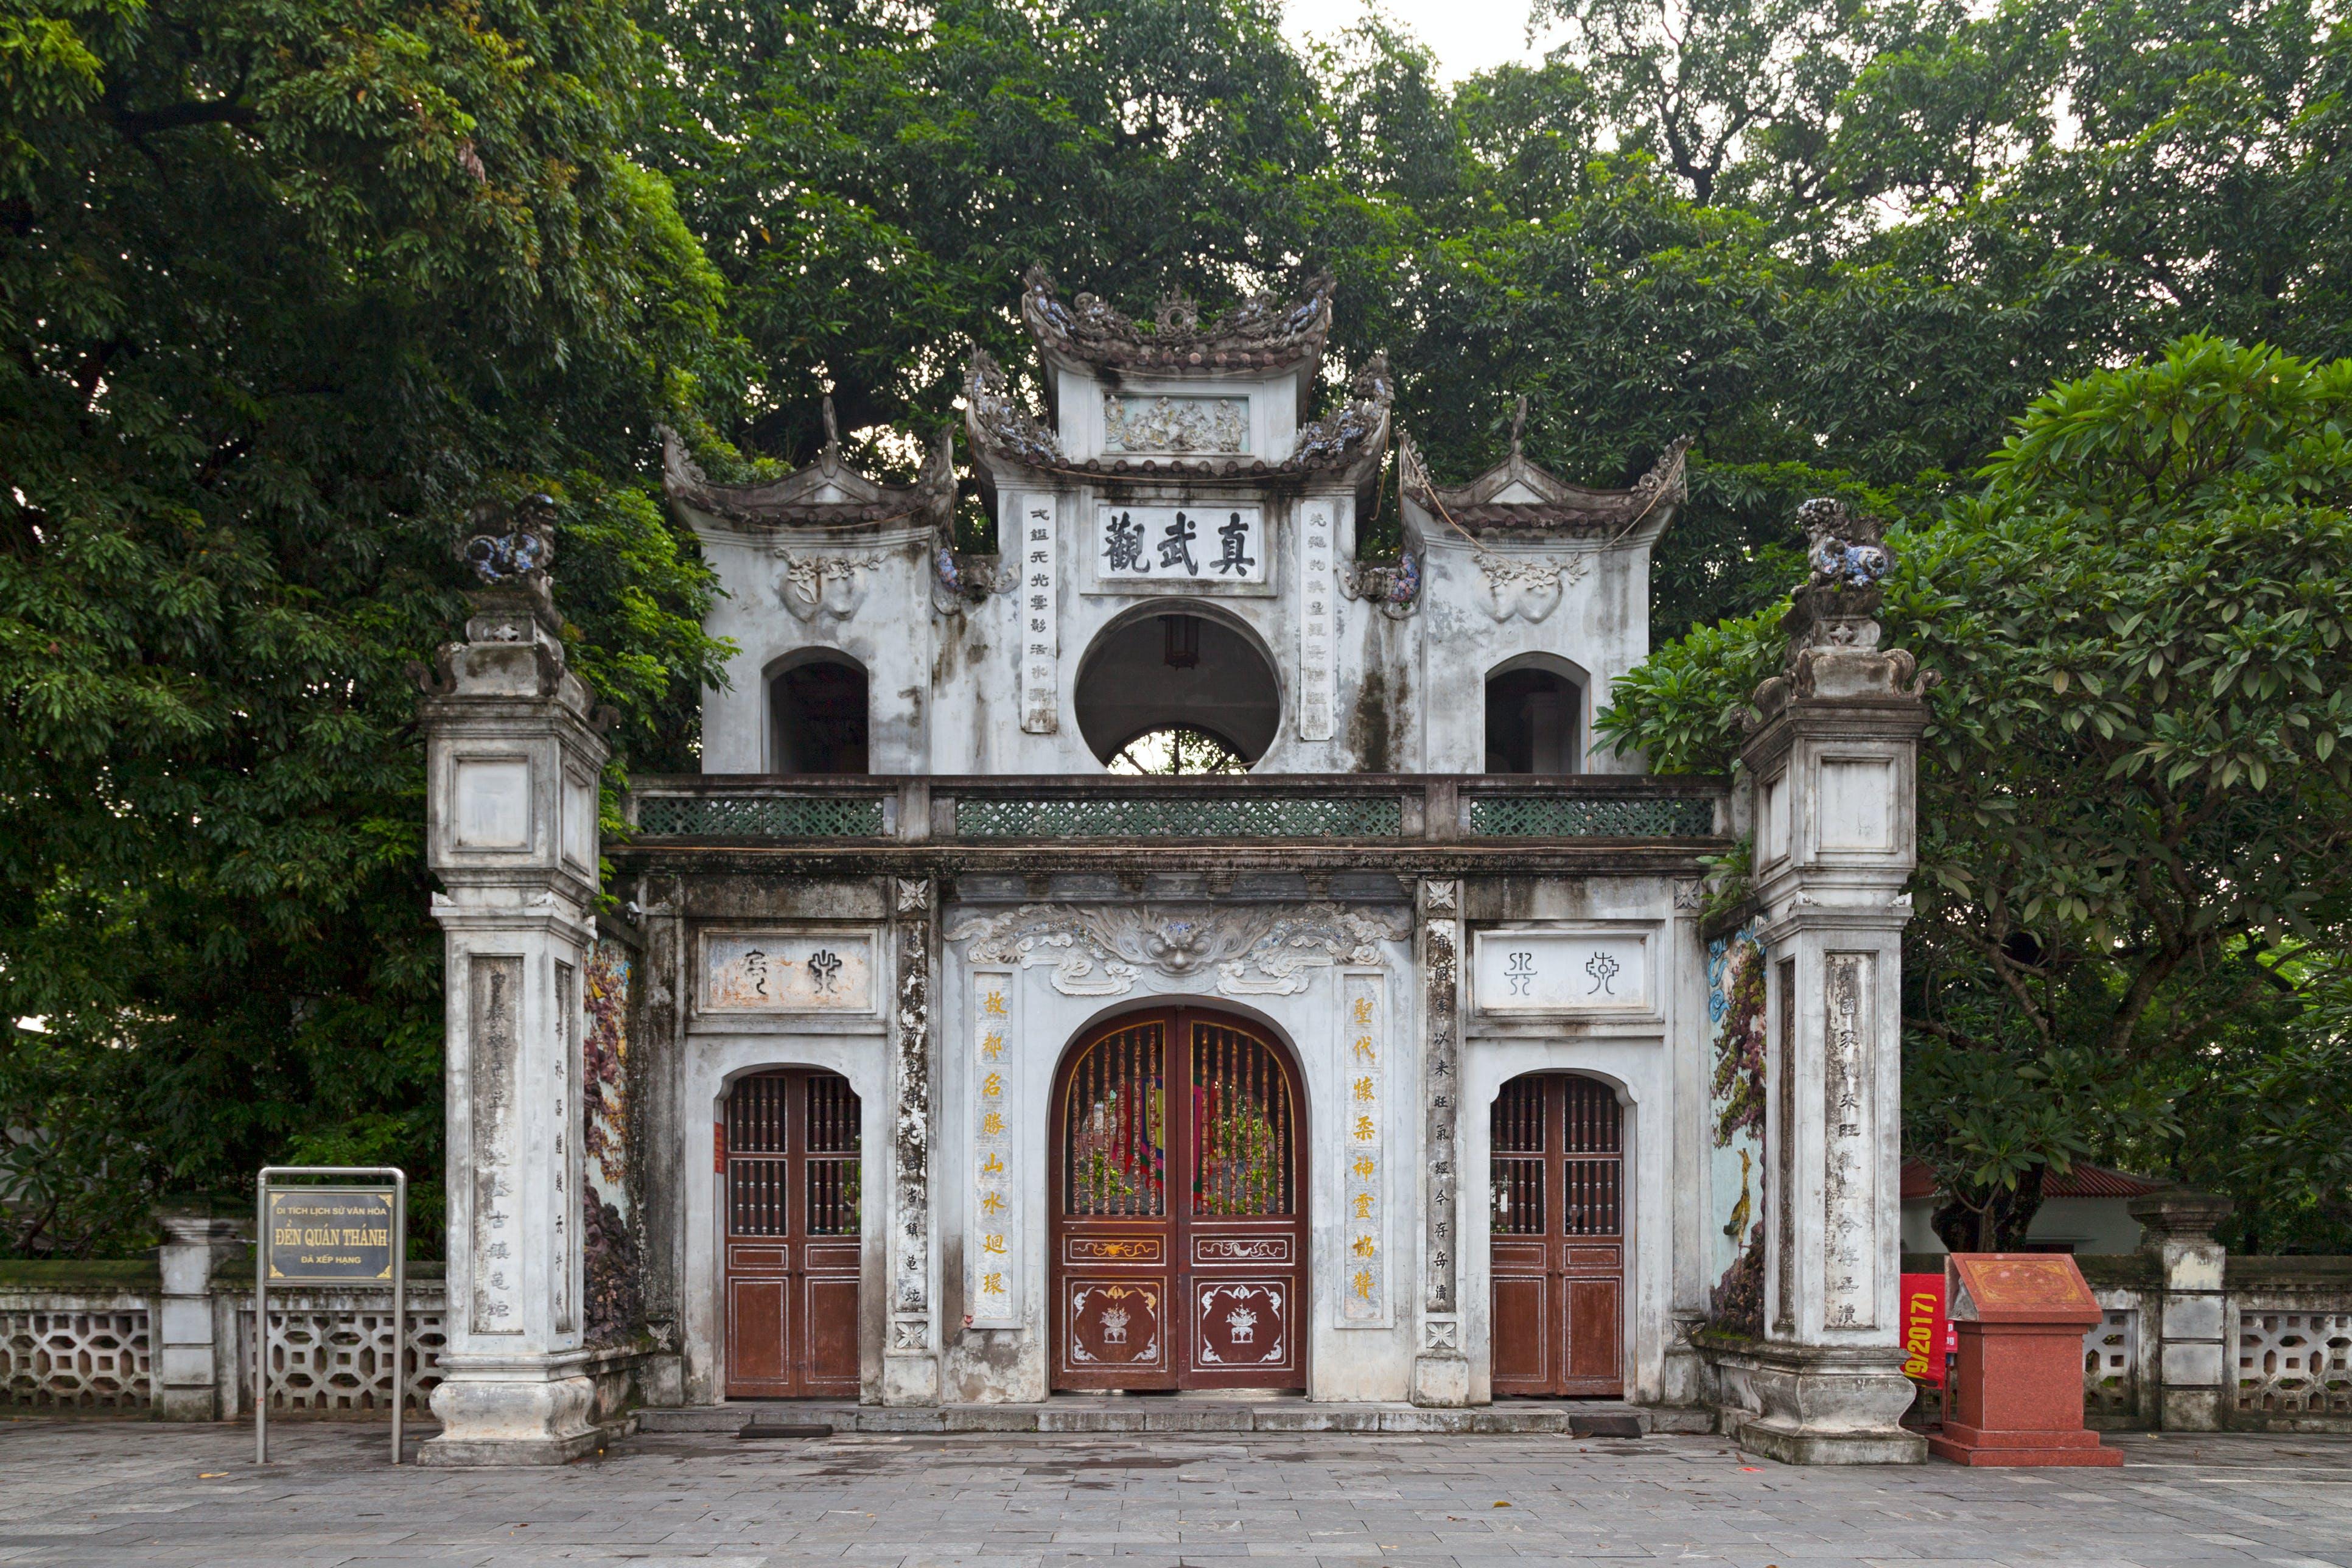 Quan Thahn tempel in Hanoi